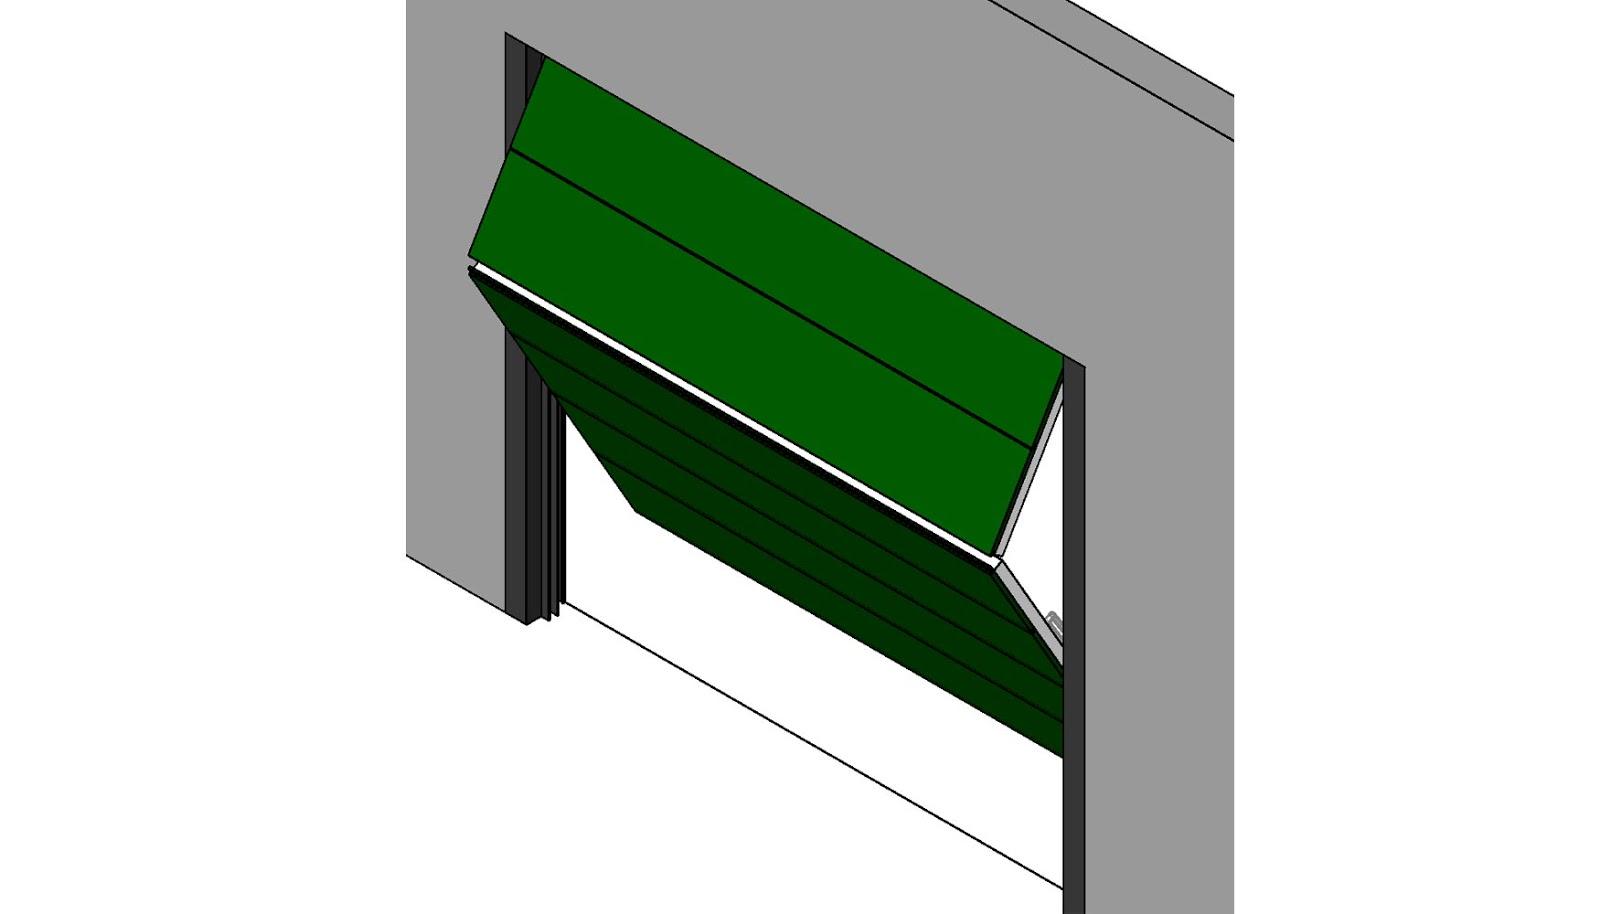 Dise o geom trico de una puerta autom tica realizado por bim for Puertas corredizas revit